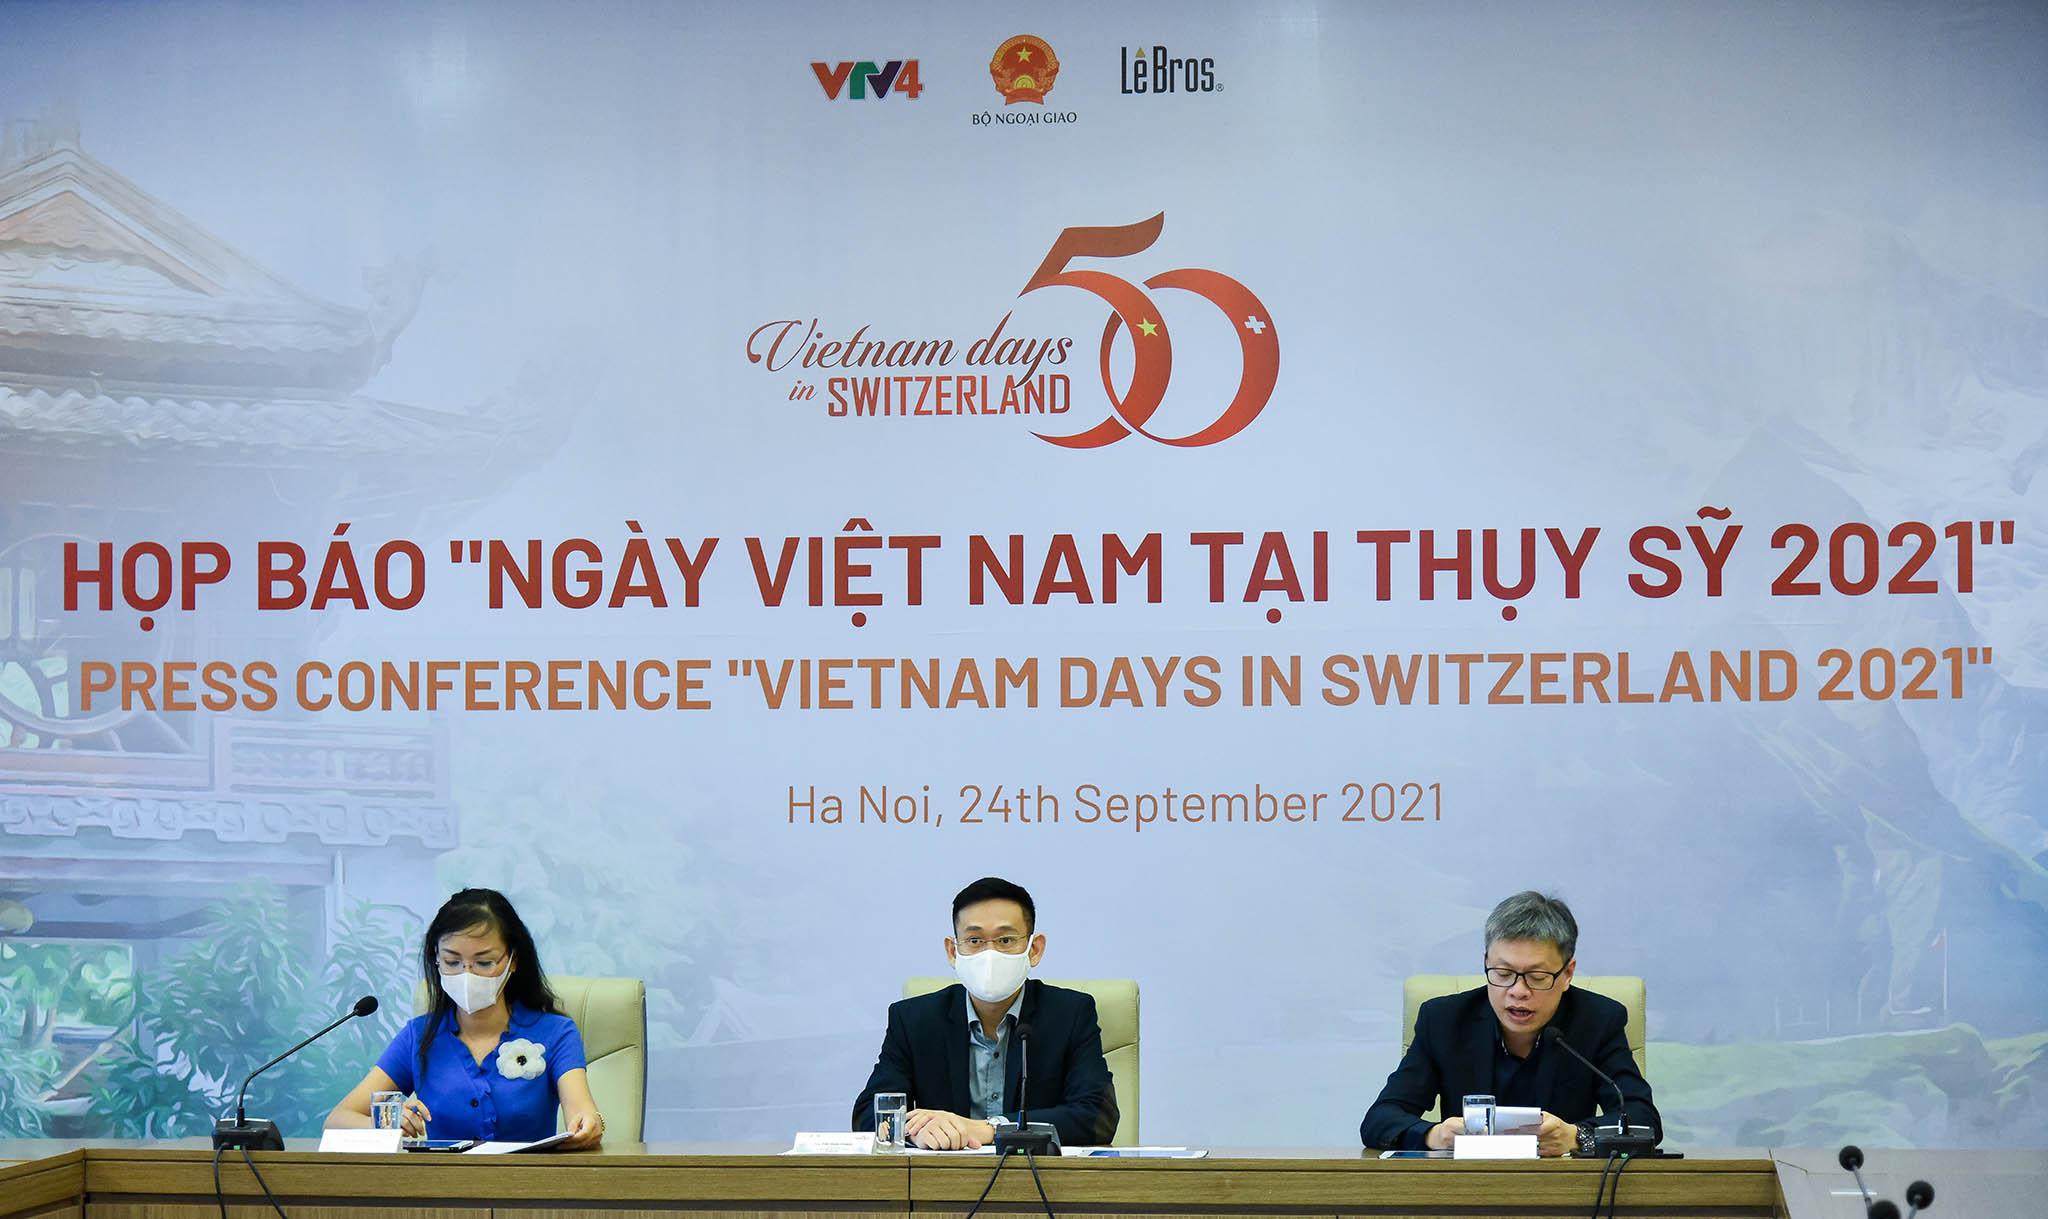 'Vietnam Days in Switzerland 2021' to go online next month